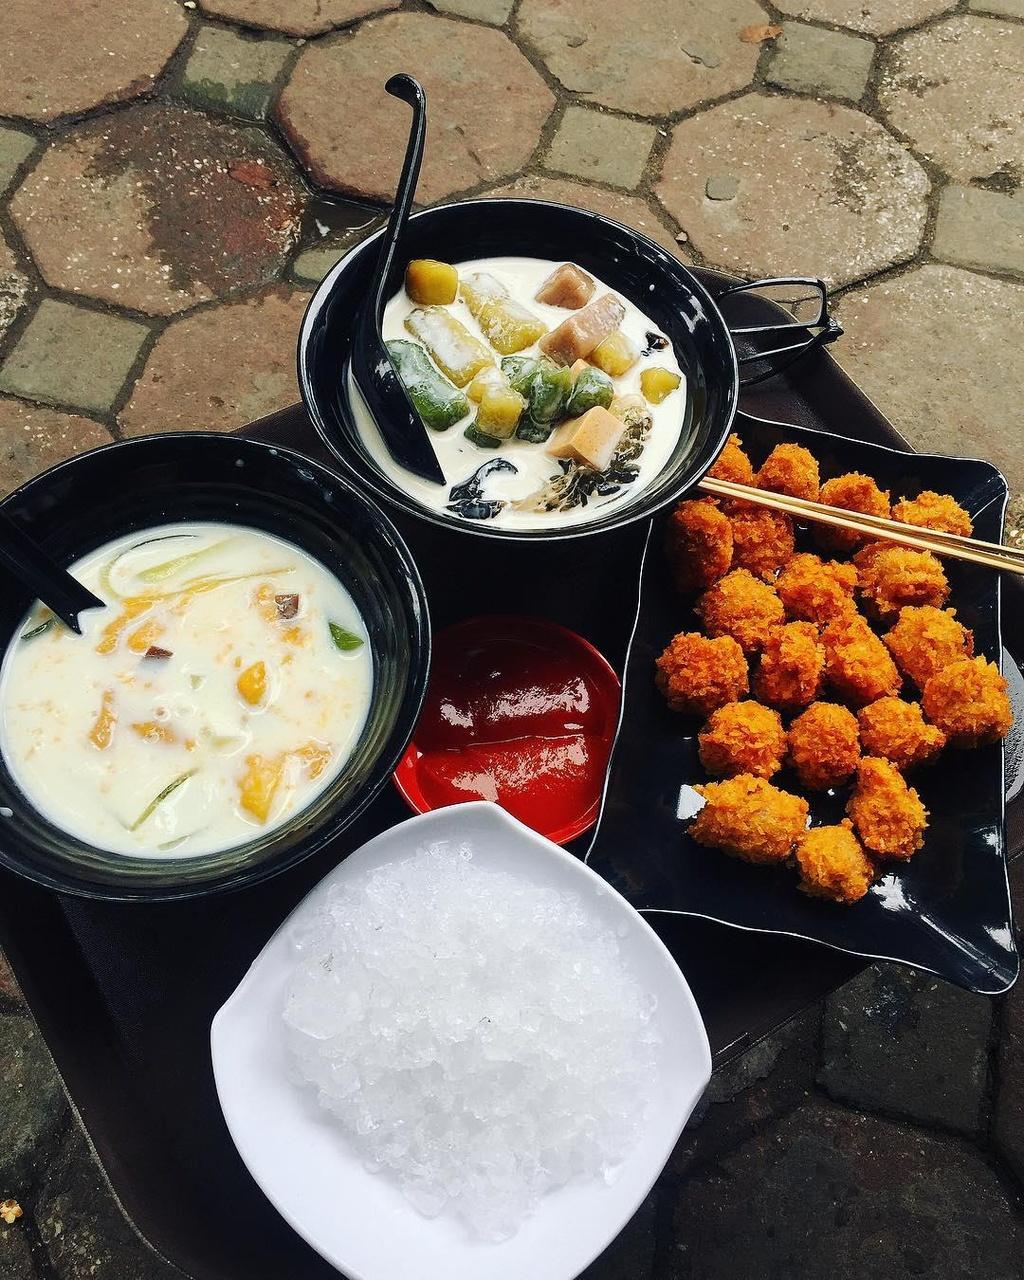 Hàng chè Thái ngon tại Hà Nội